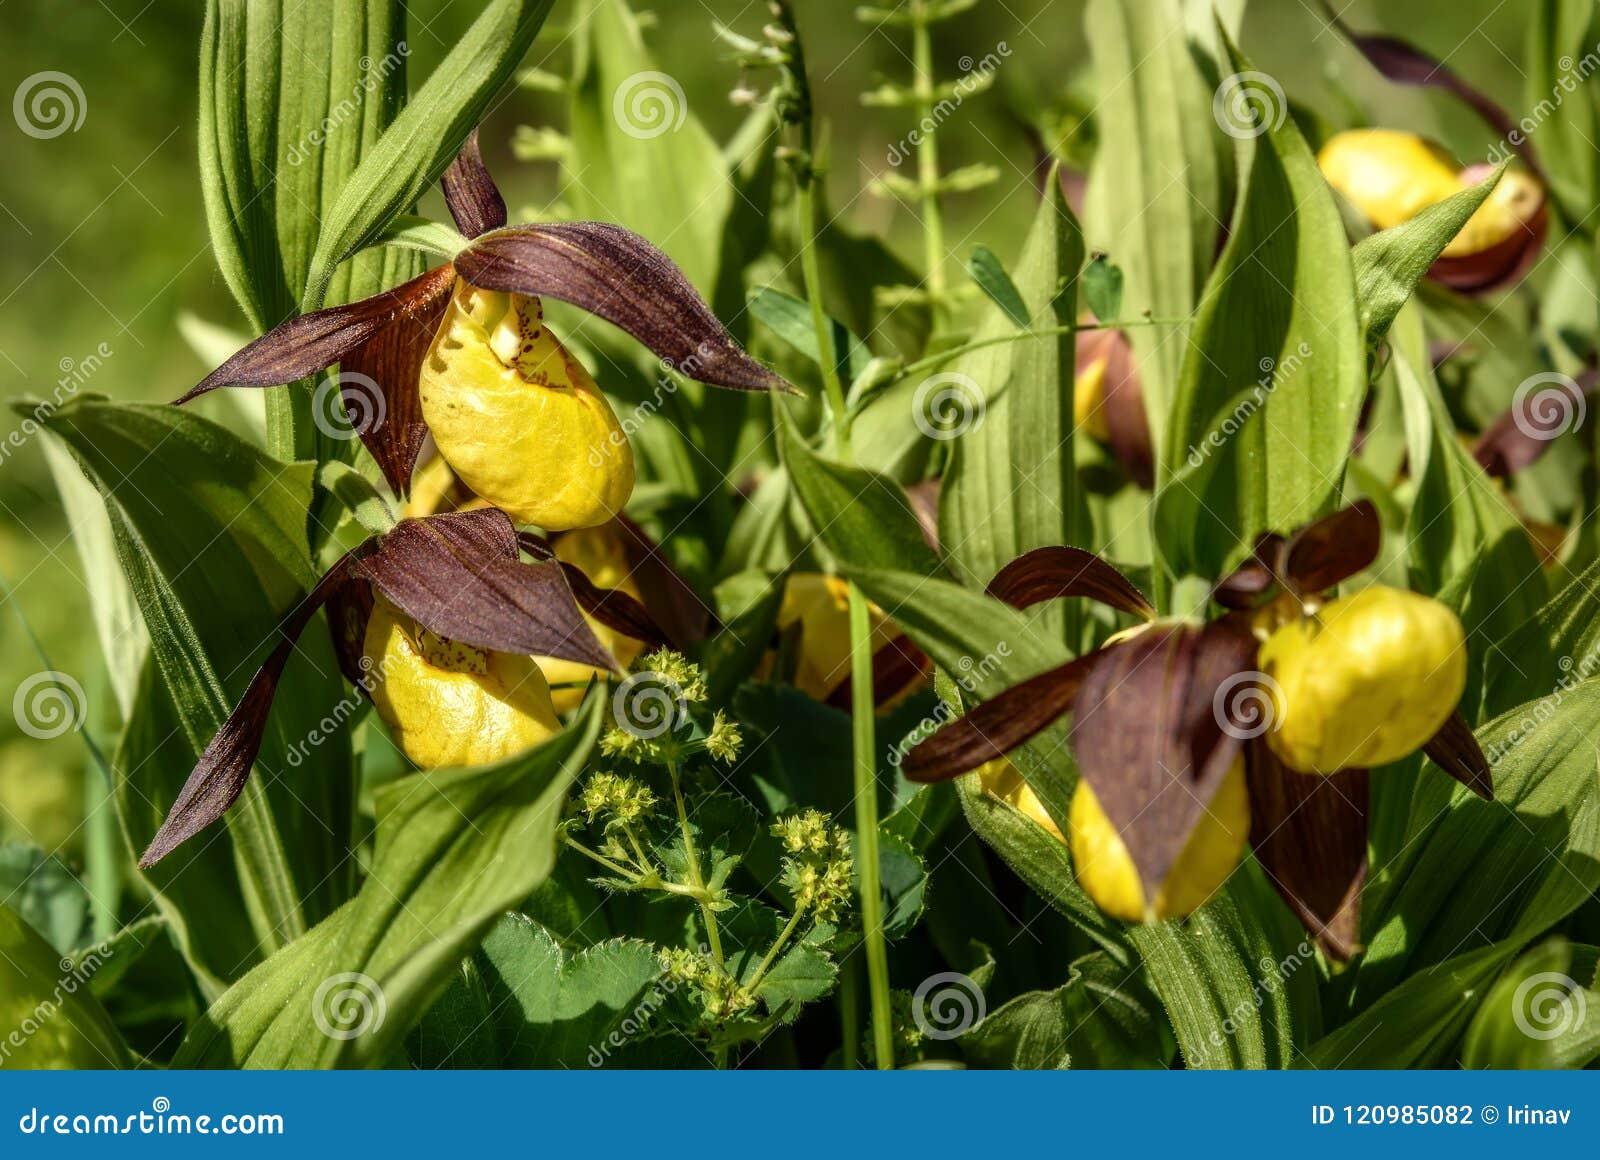 Fiori Gialli Rari.Giallo Del Fiore Della Pantofola Di Venere Dell Orchidea